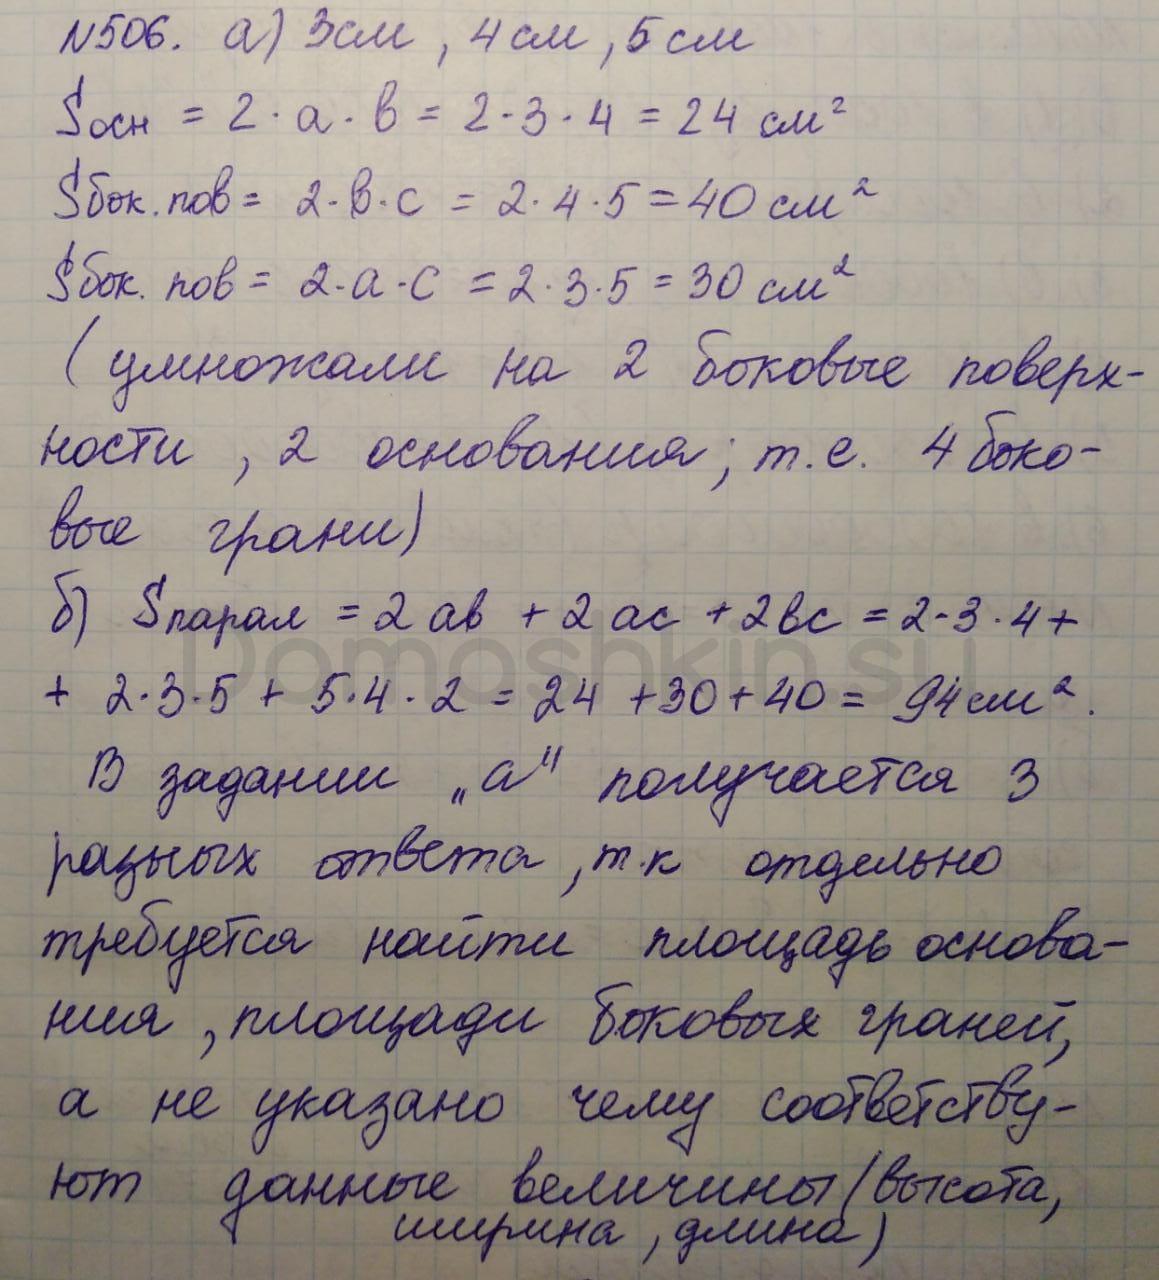 Математика 5 класс учебник Никольский номер 506 решение